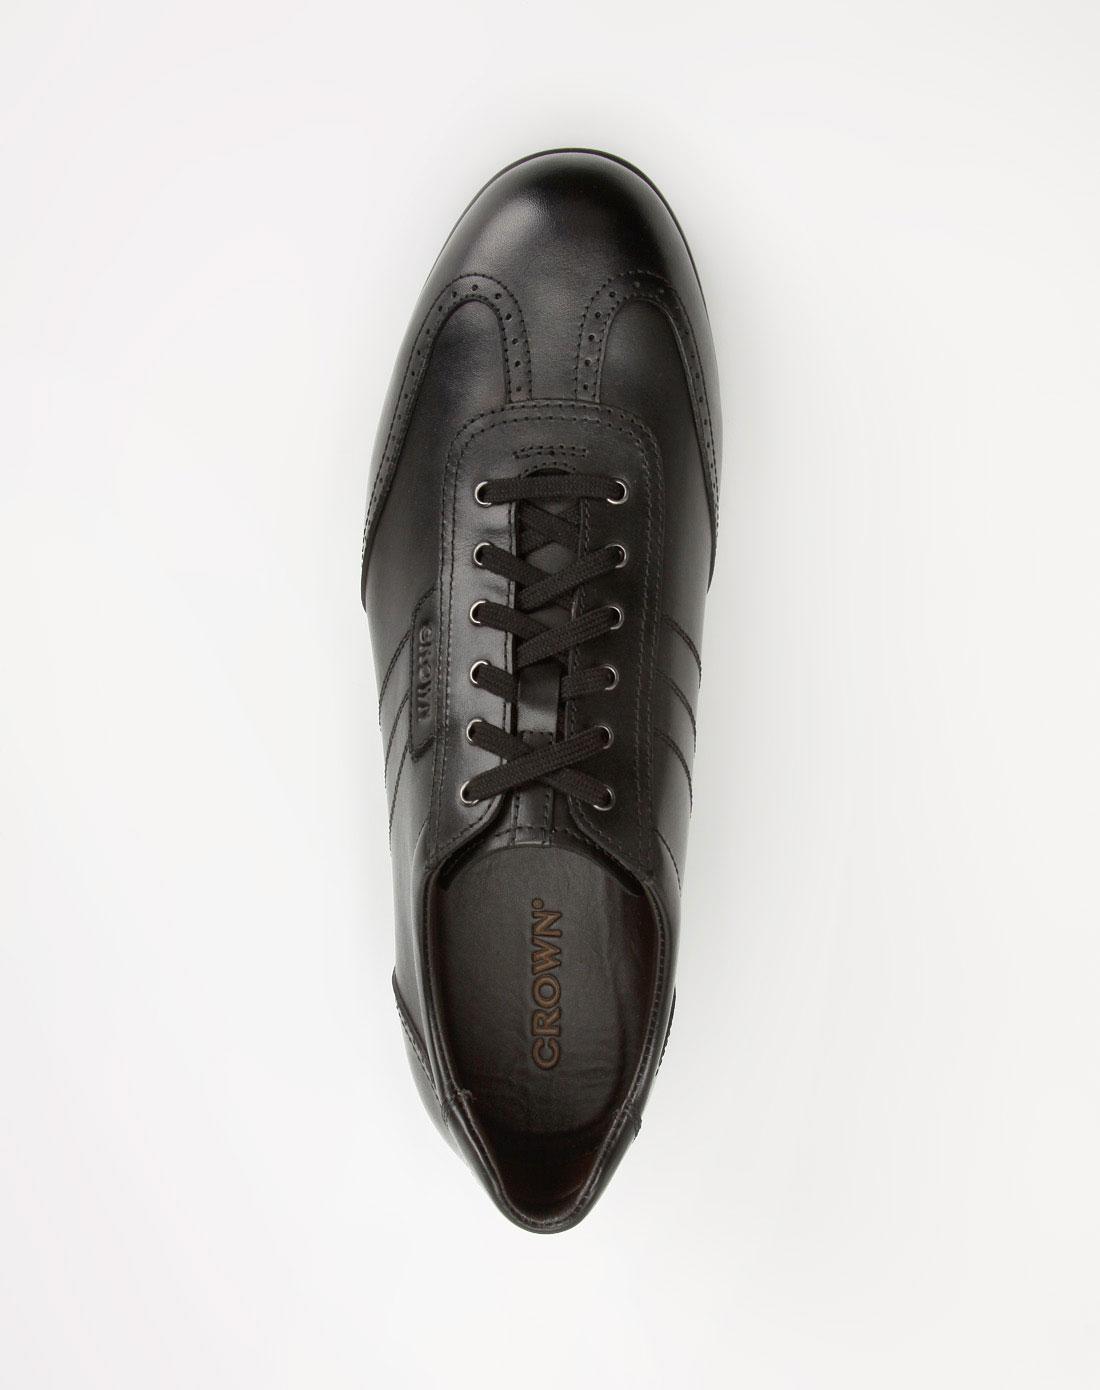 黑色商务休闲皮鞋10_皇冠crown-男鞋官网特价2-2